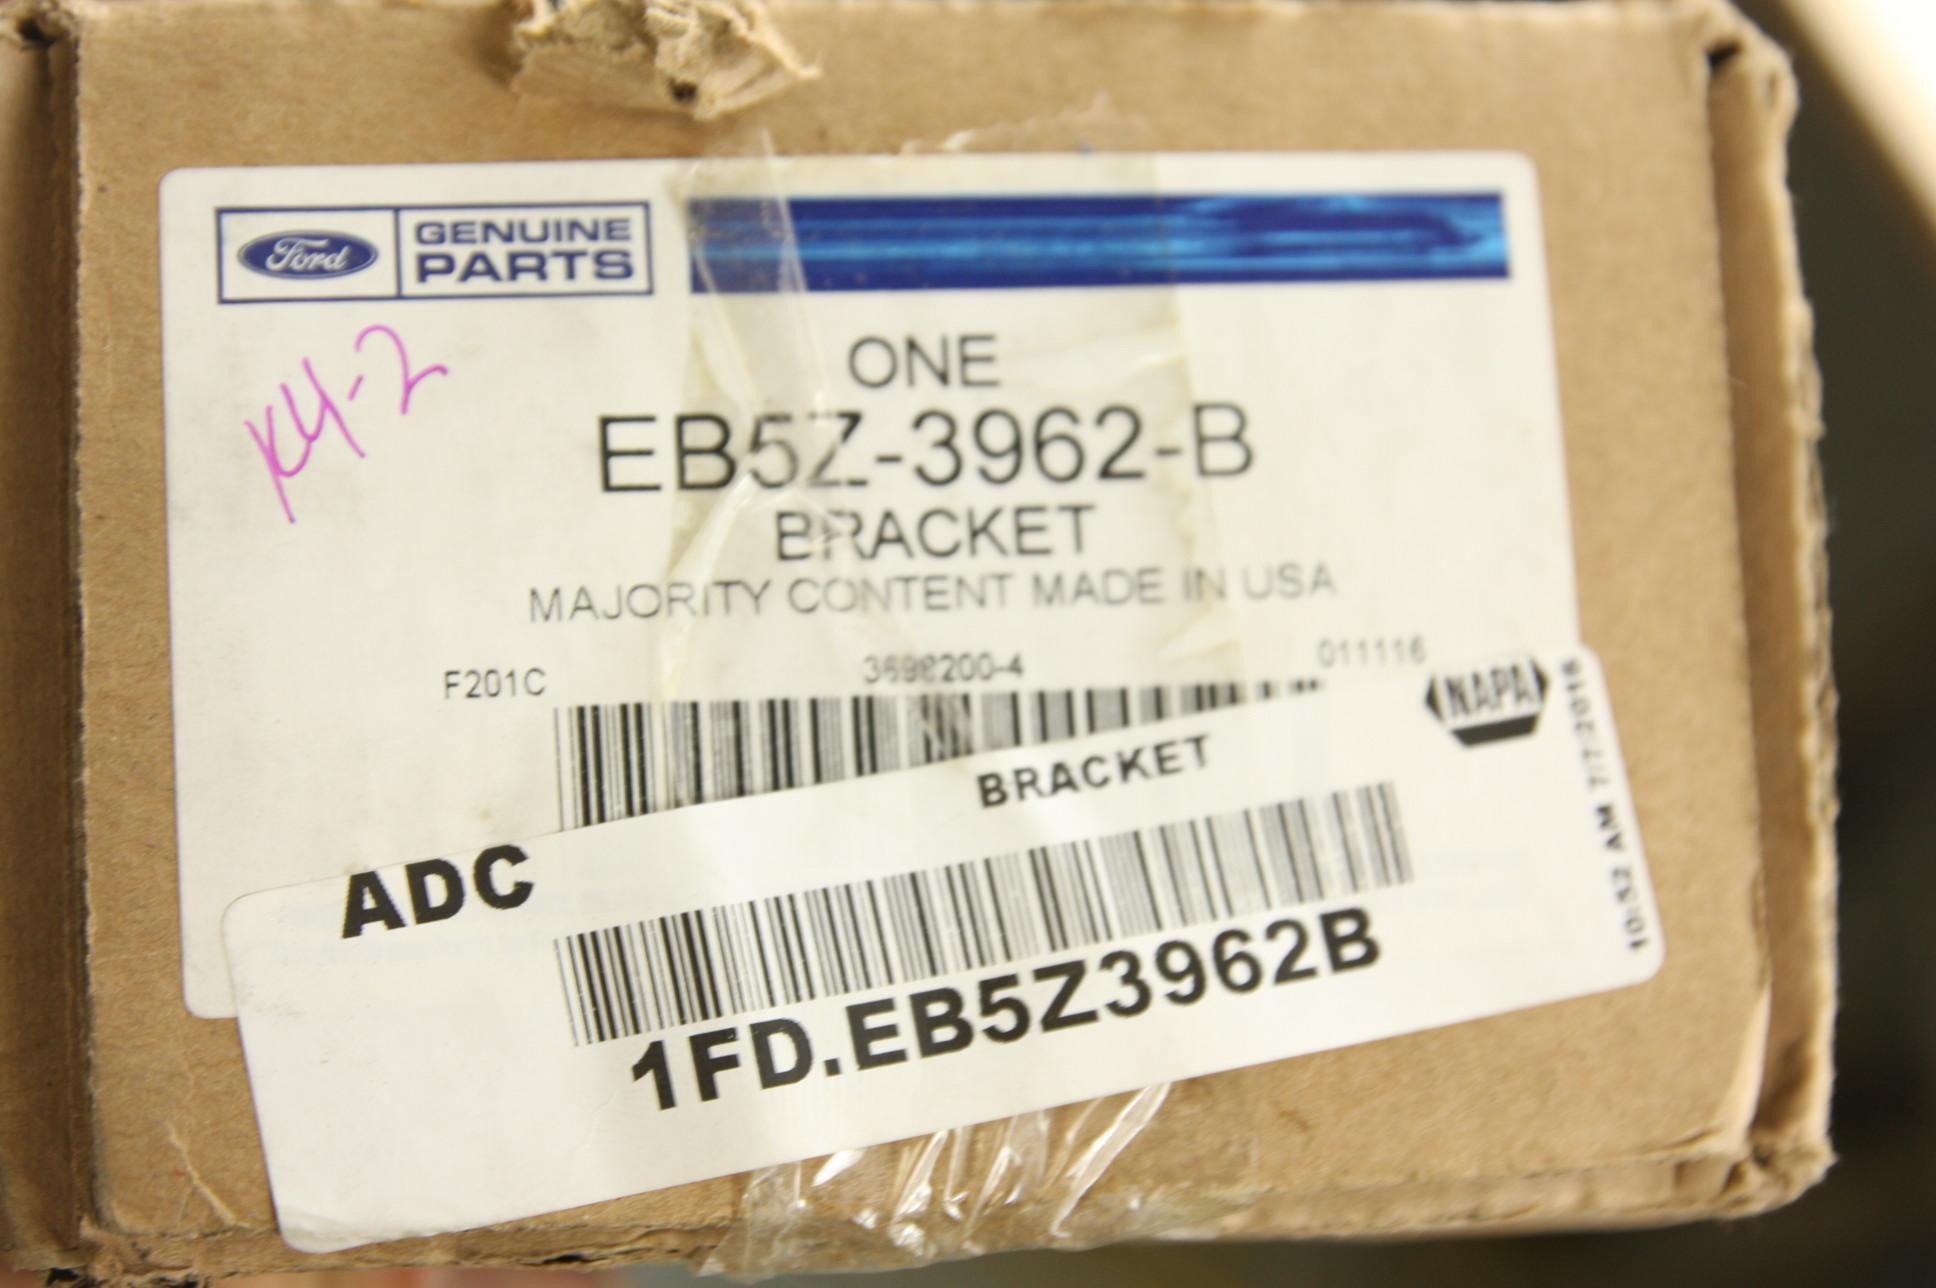 *** New Genuine OEM EB5Z3962B Ford Inner Bracket 14-17 Exporer Free Shipping - image 3